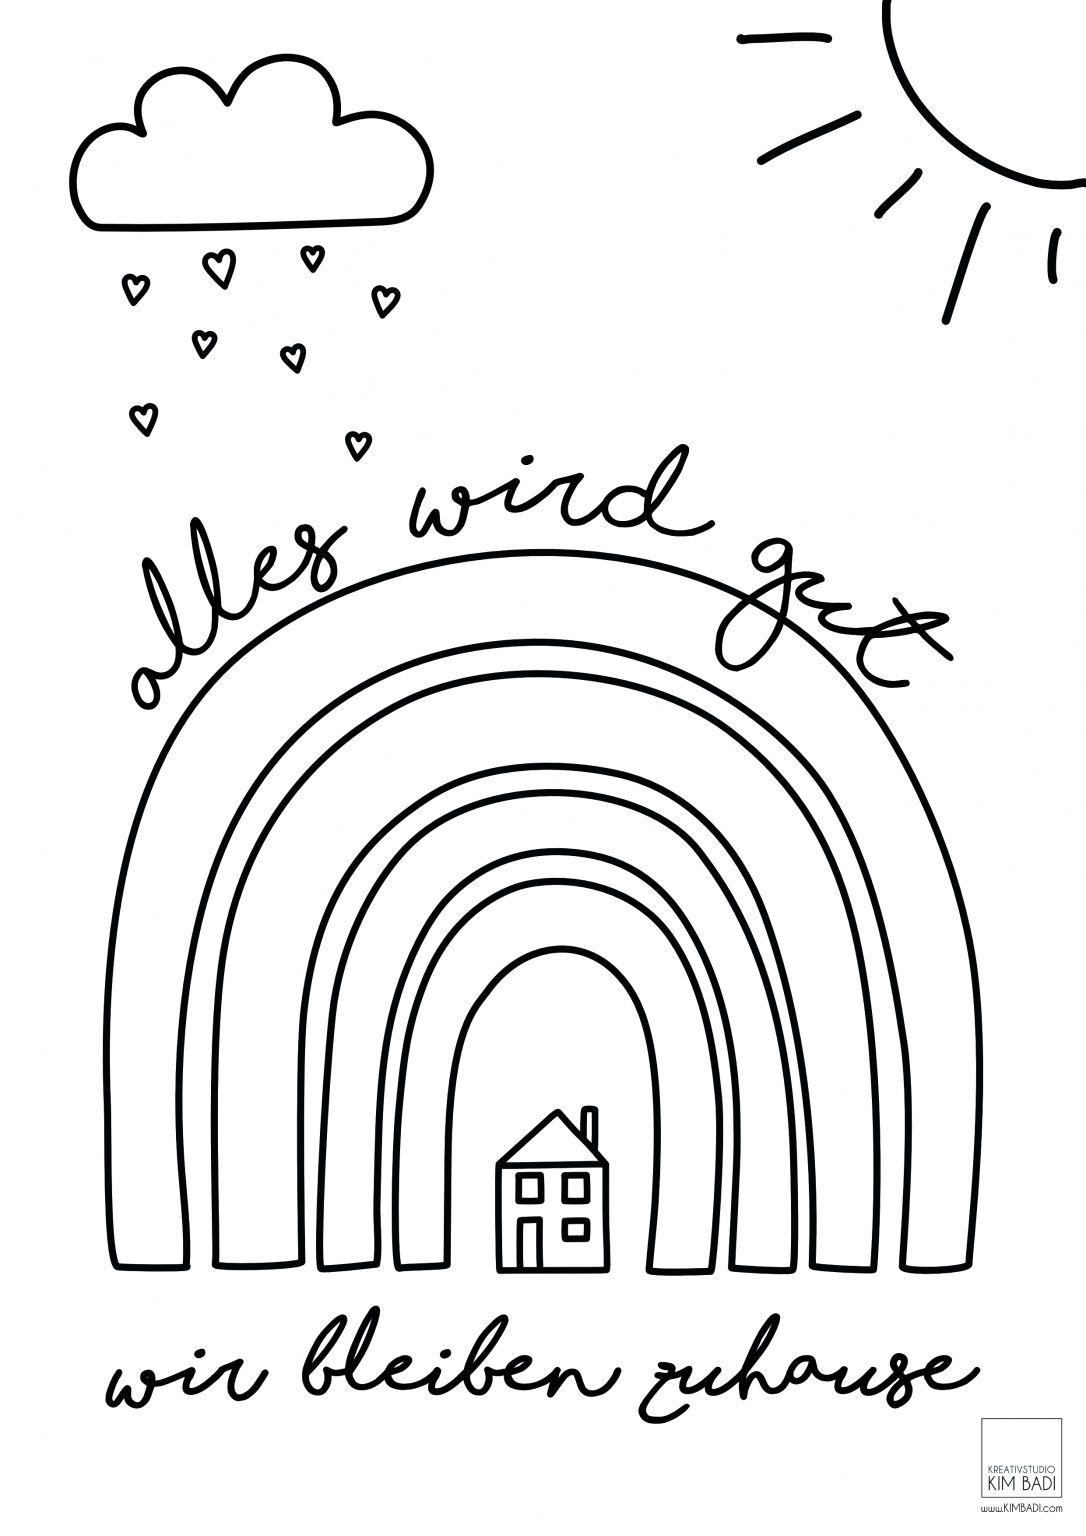 Wir Bleiben Zuhause Regenbogen Kreativstudio Kim Badi Alles Wird Gut Coronacare Basteln Und Lernen Bleib Zu Hause Kreativ